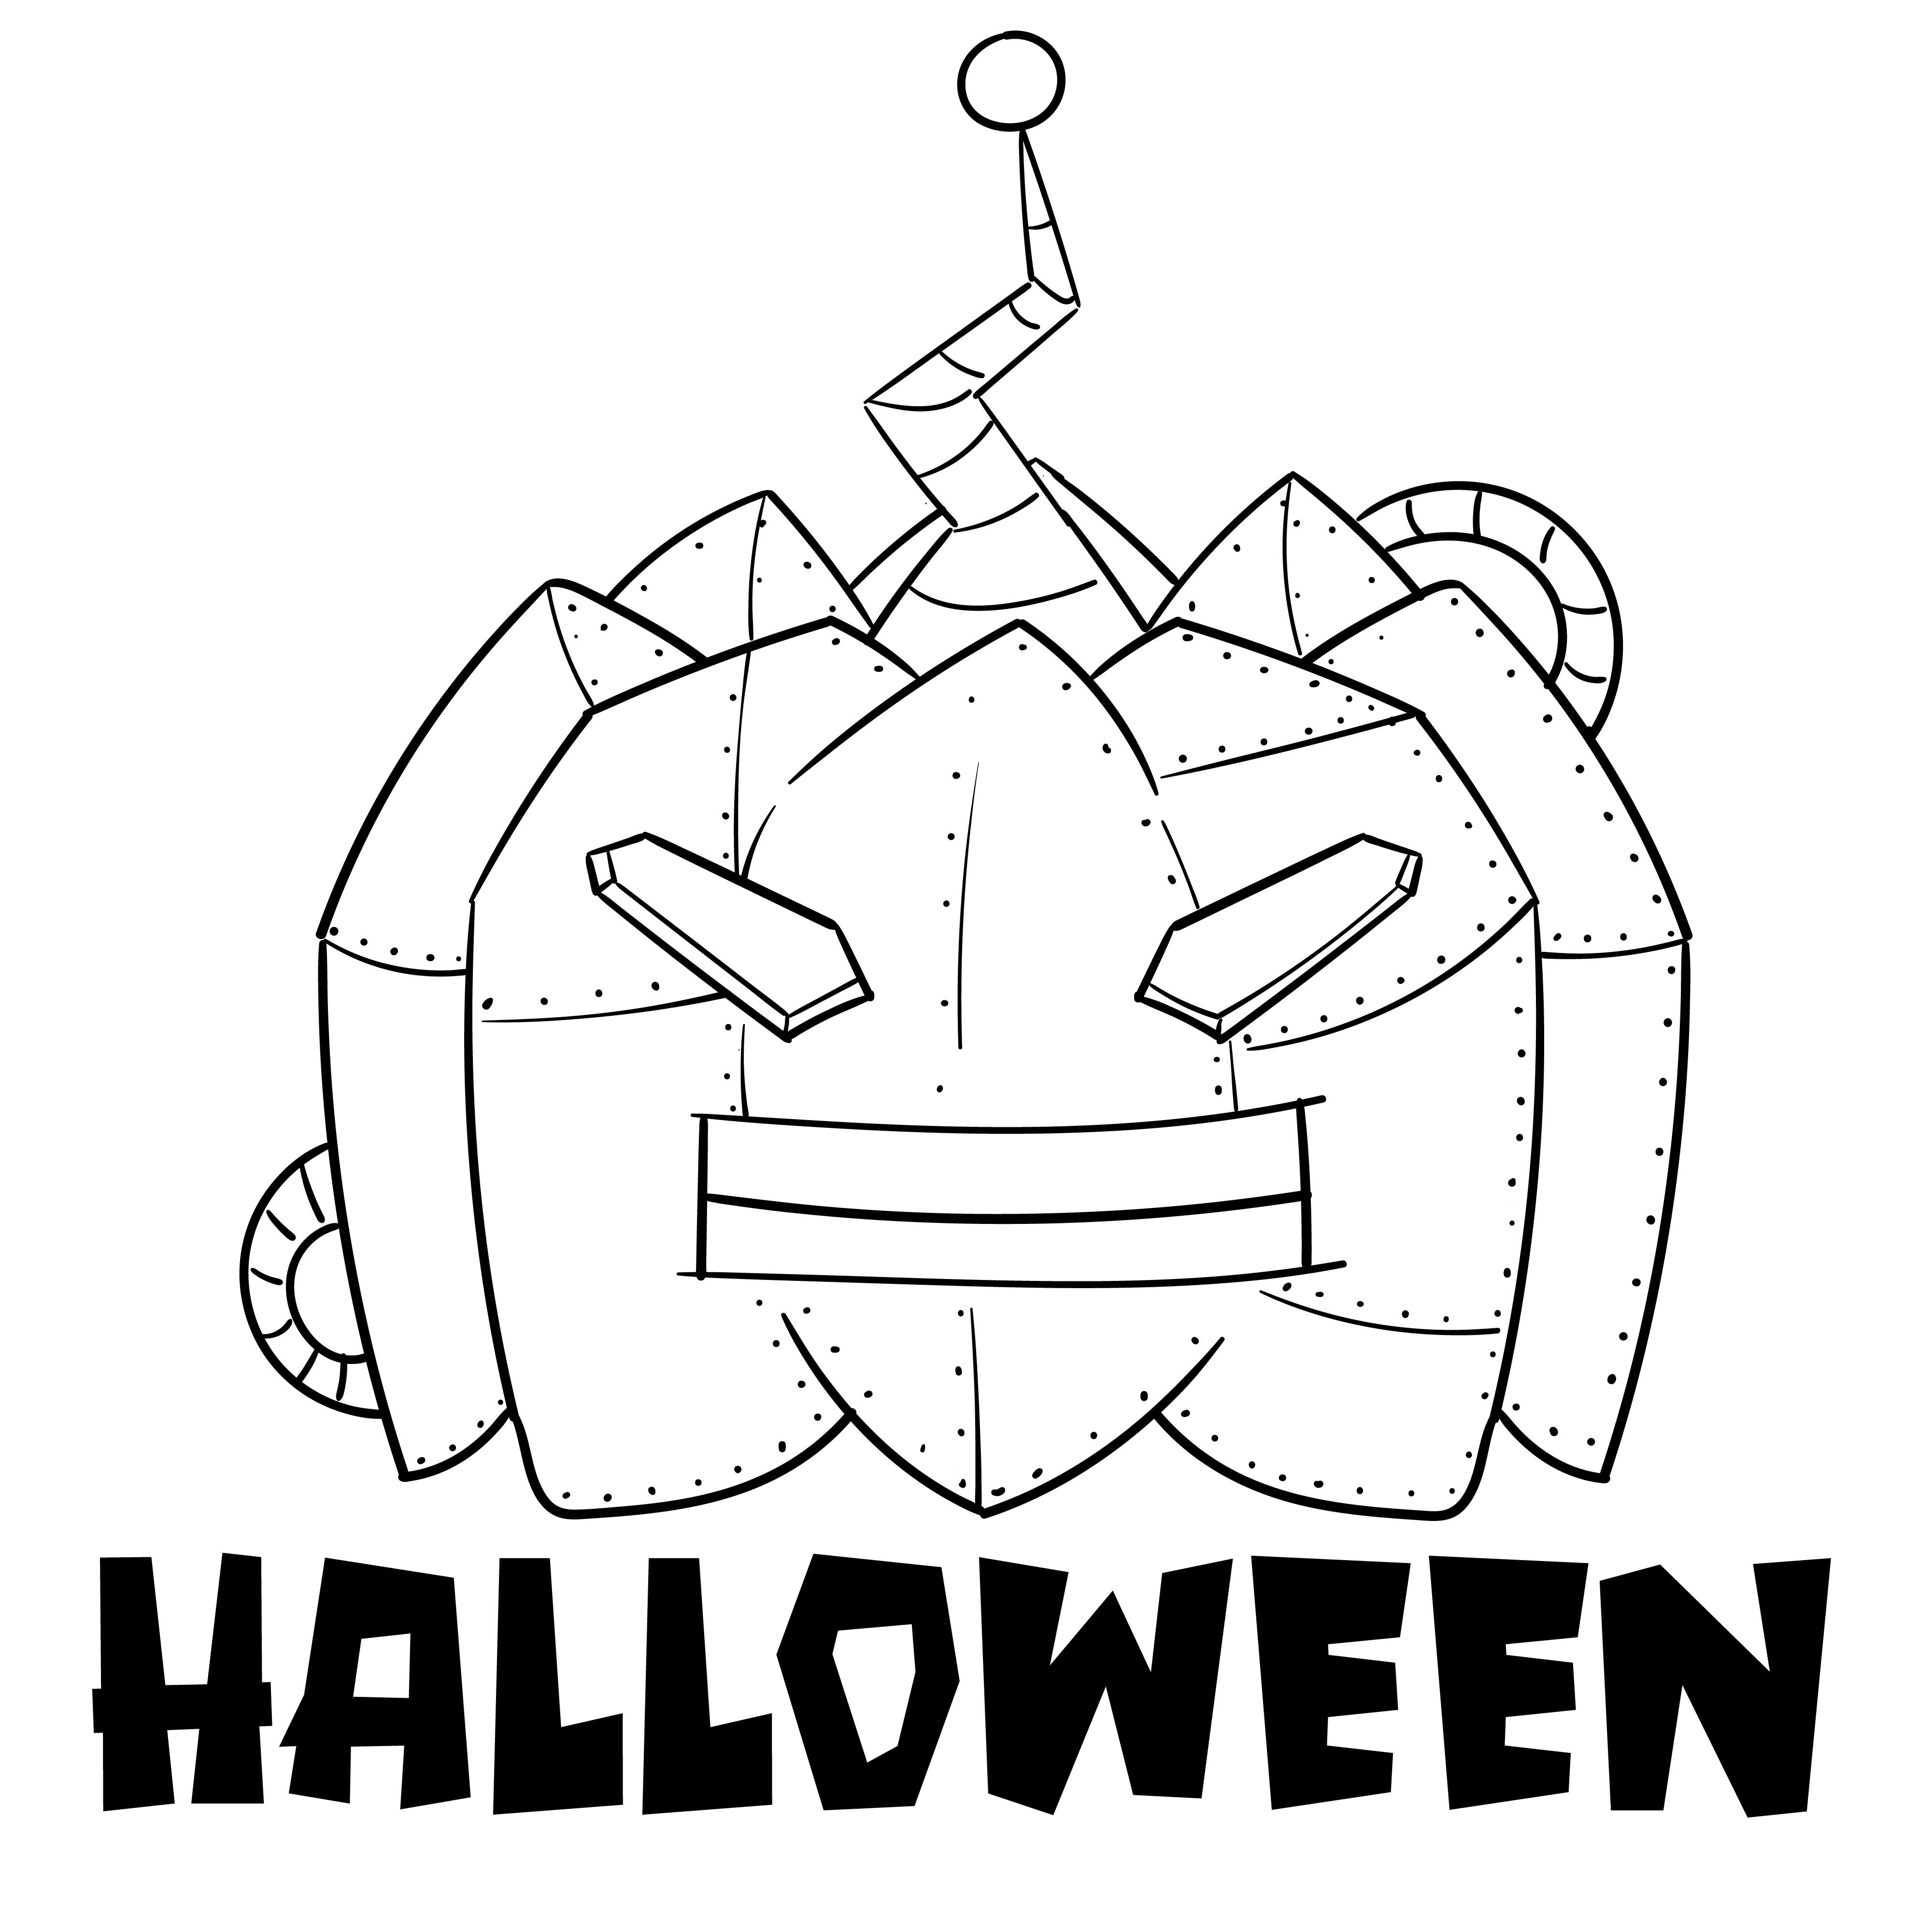 5 Images of Happy Halloween Pumpkin Stencils Printable